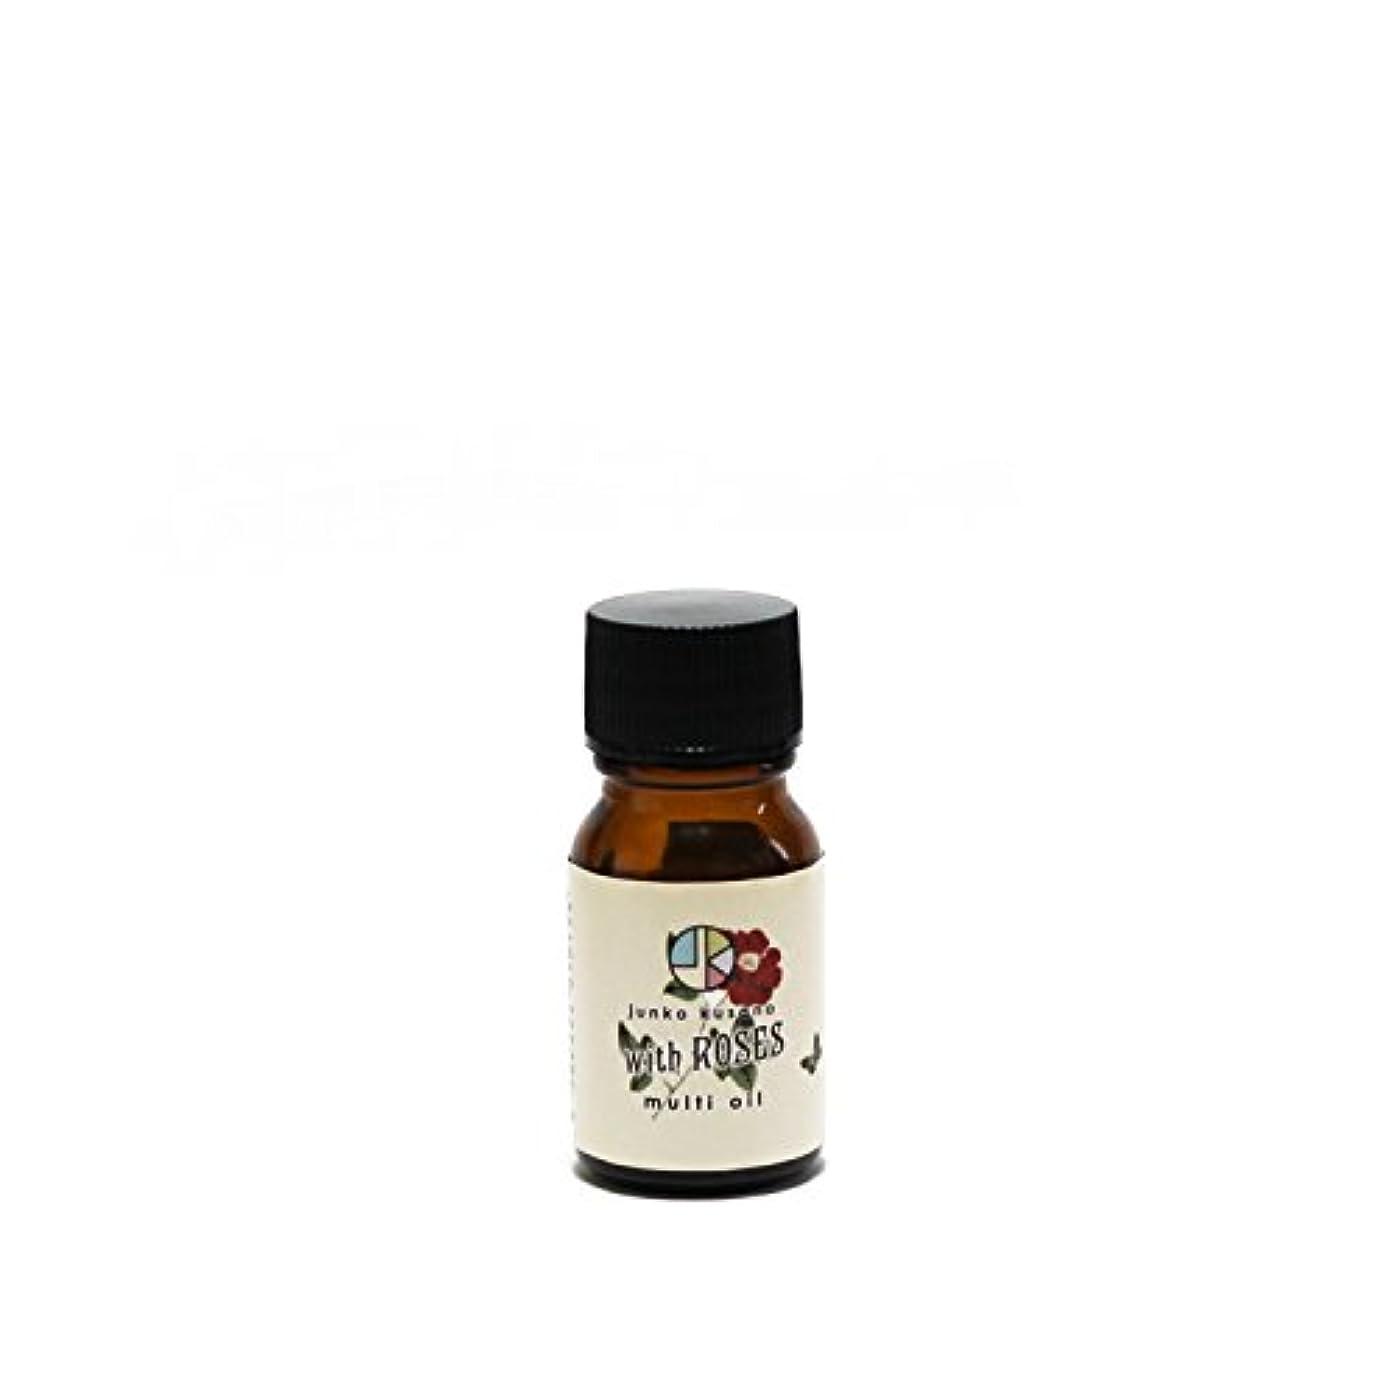 スーパー少ないマルクス主義junko kusano multi oil with Roses mini マルチオイルwithローズ ミニボトル10ml